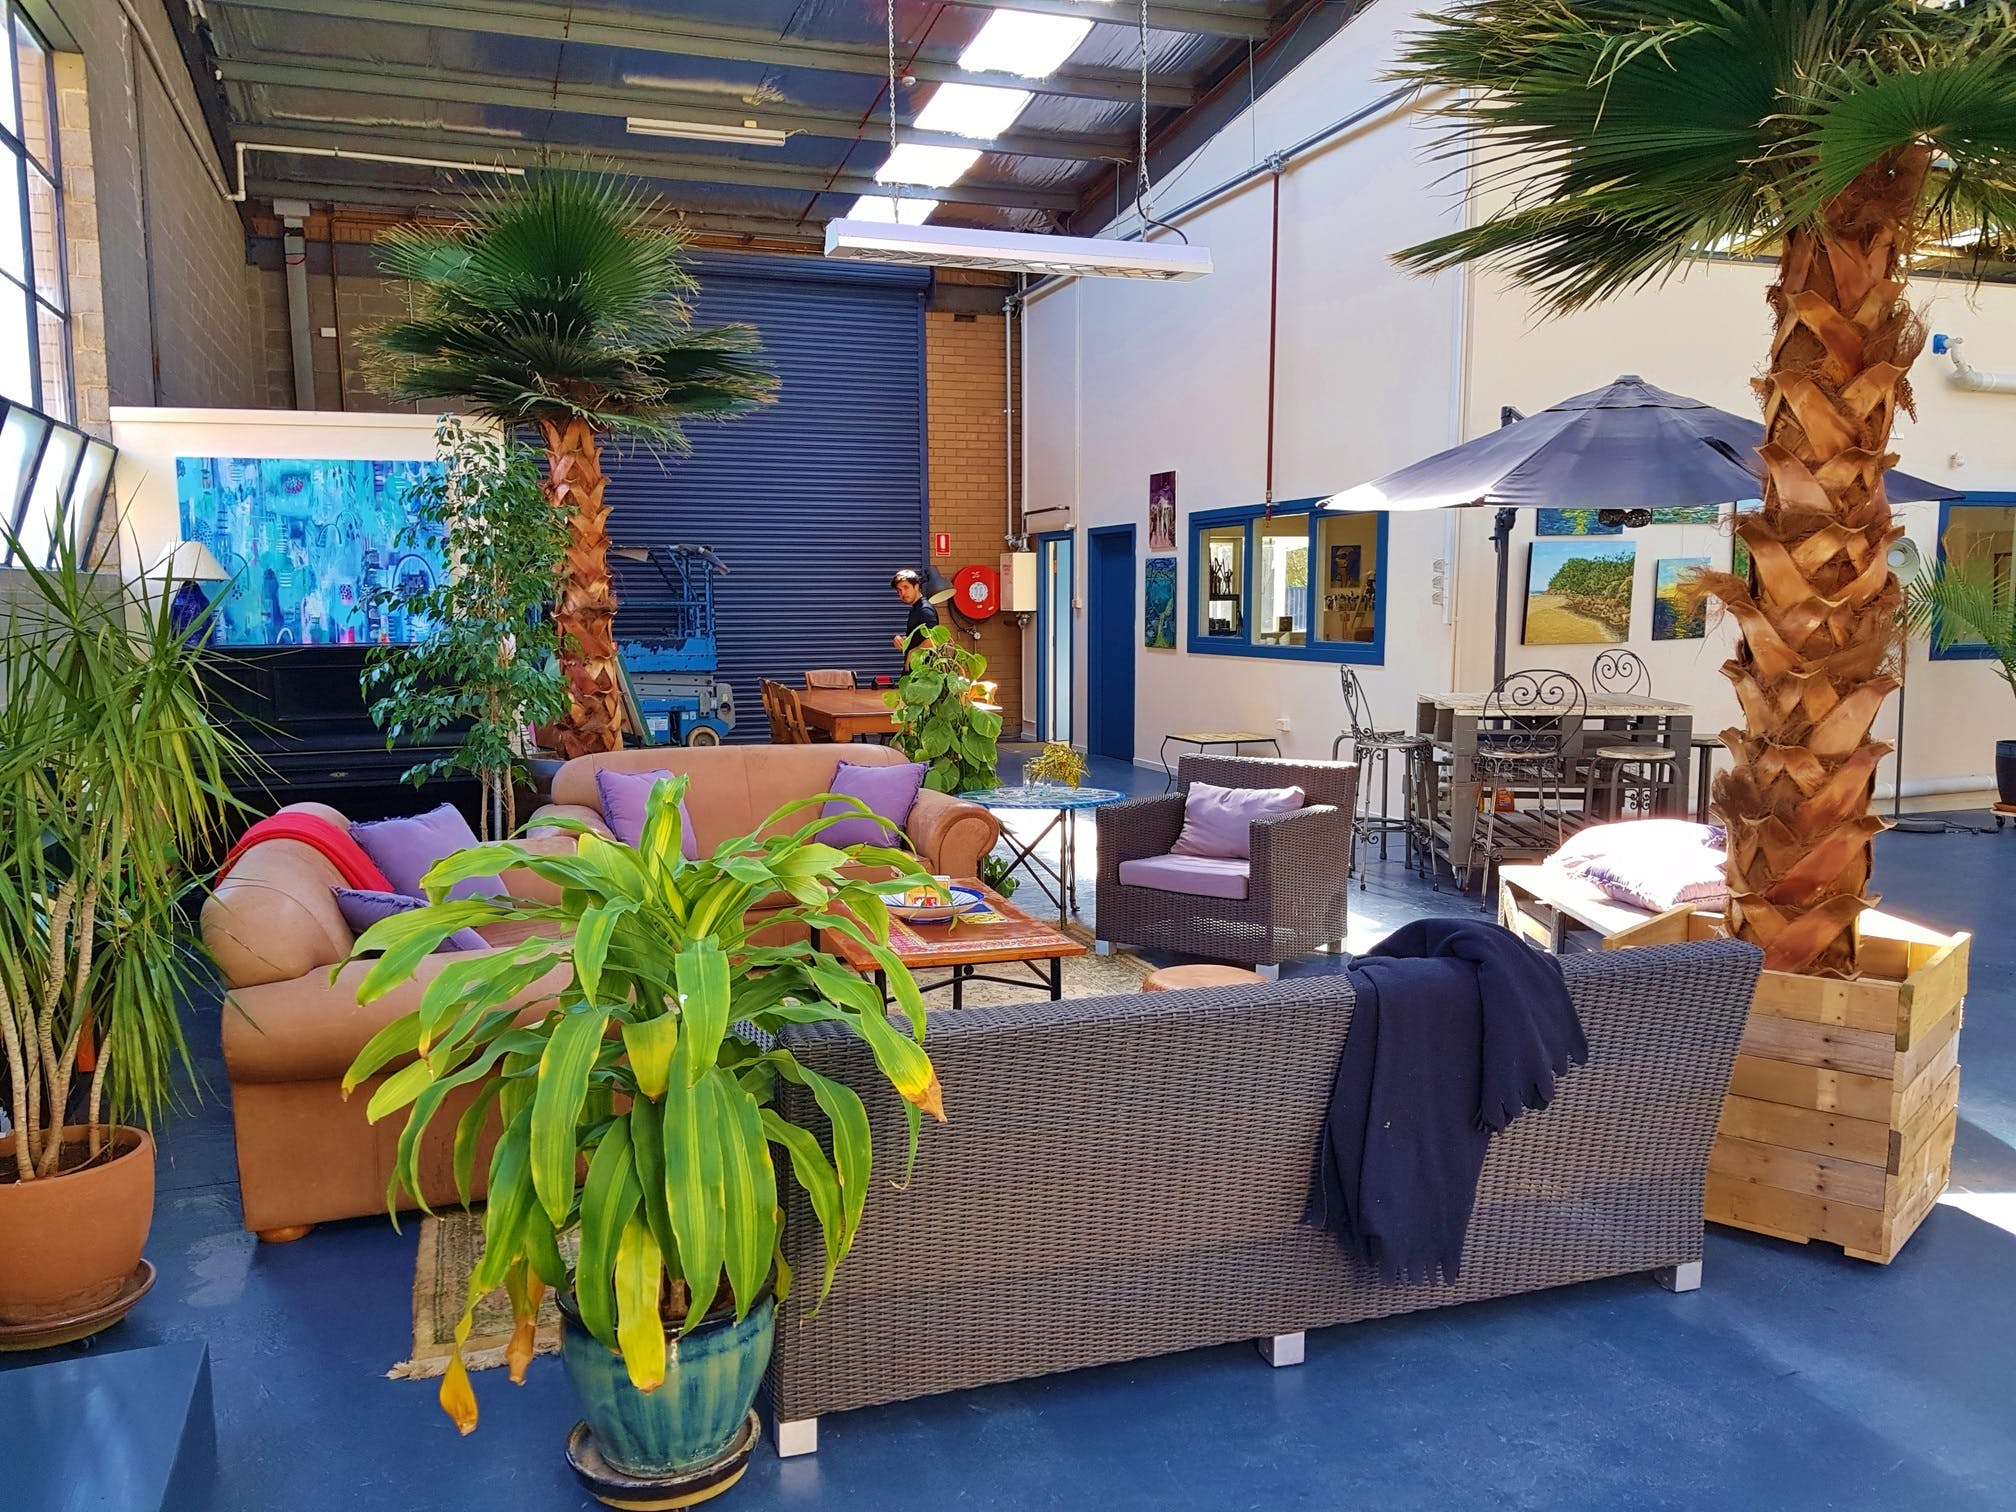 Workshop at Le Studio Art Space & Ceramic Studio, image 3